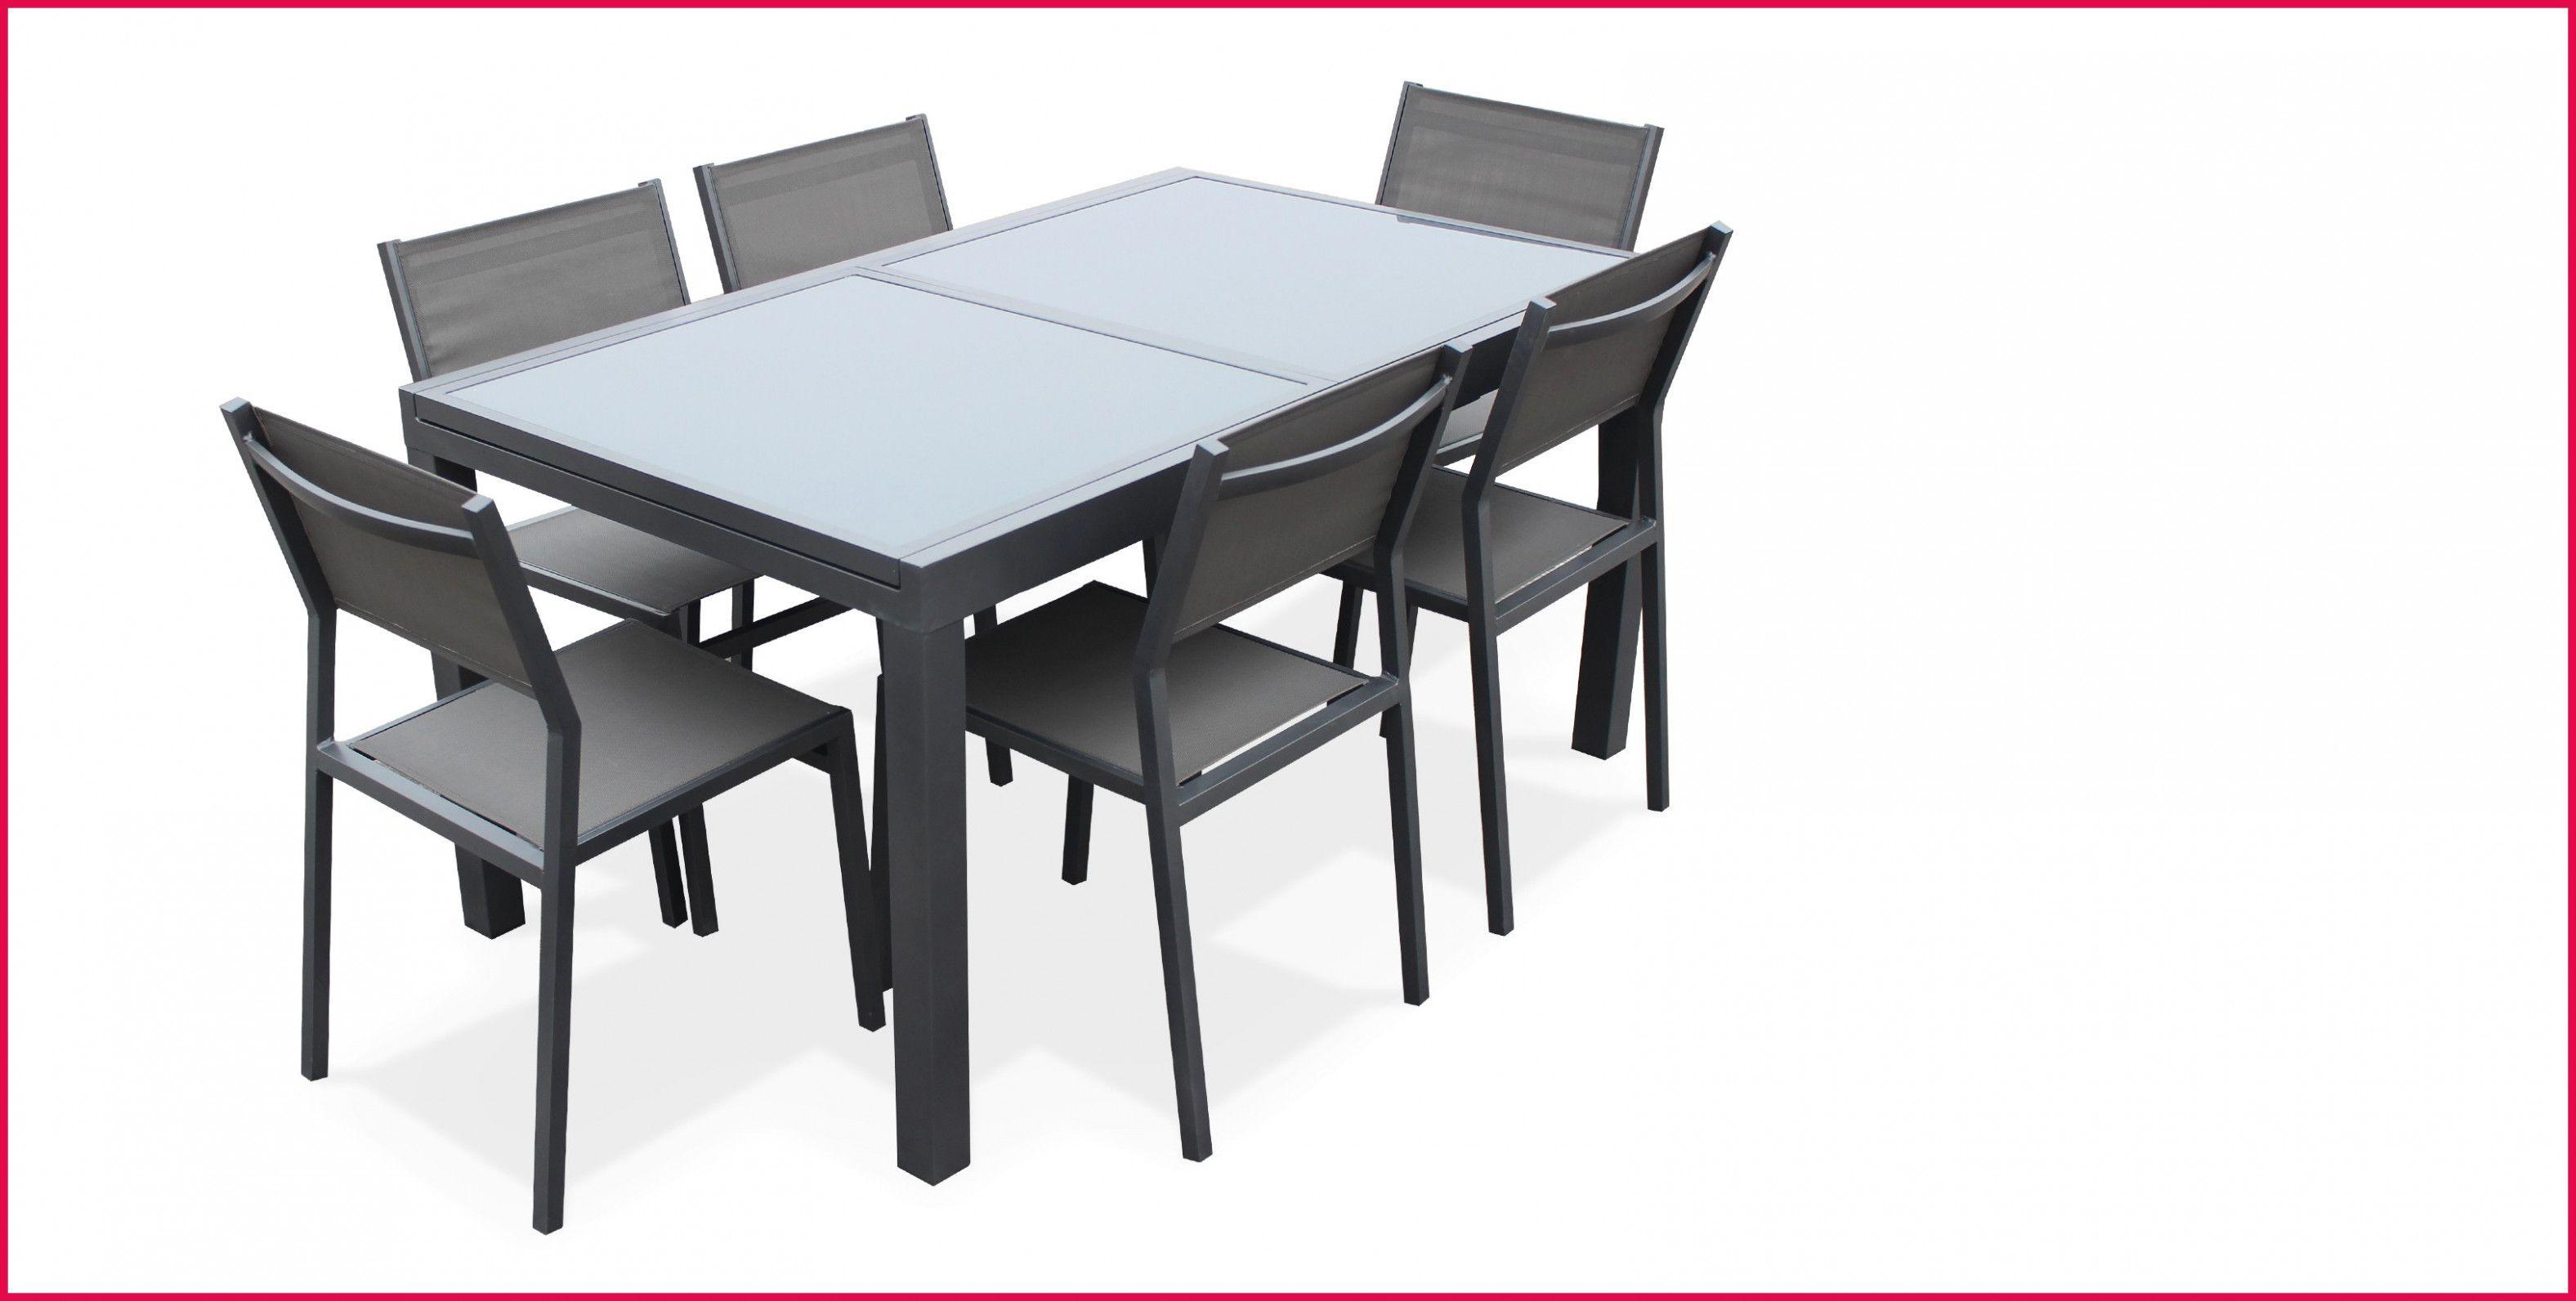 Soldes Table De Jardin Leroy Merlin Xml Encodingutf 8